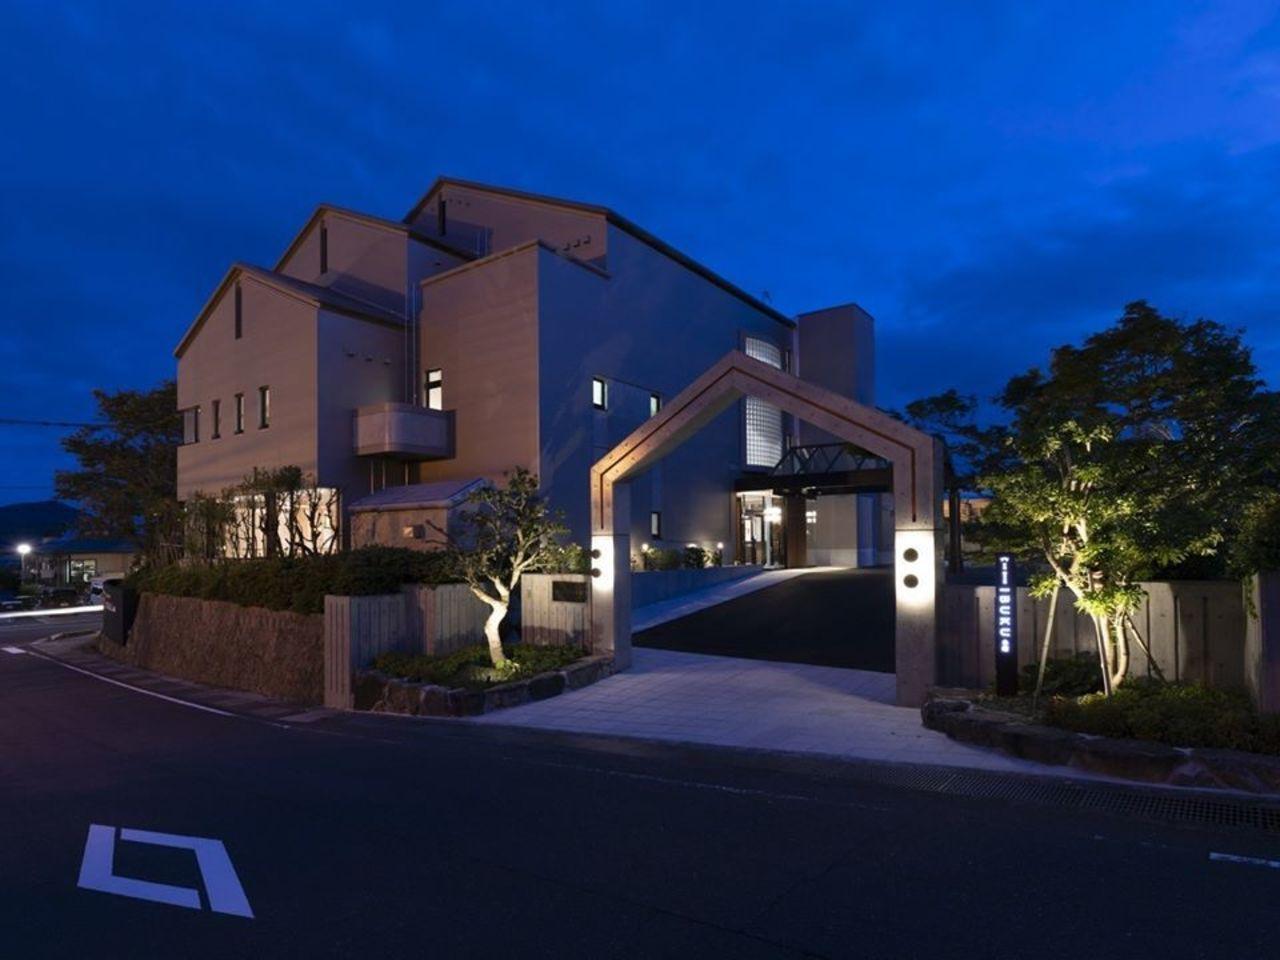 広島の宮島を望む温泉付き旅館『宮島 離れの宿 IBUKU』